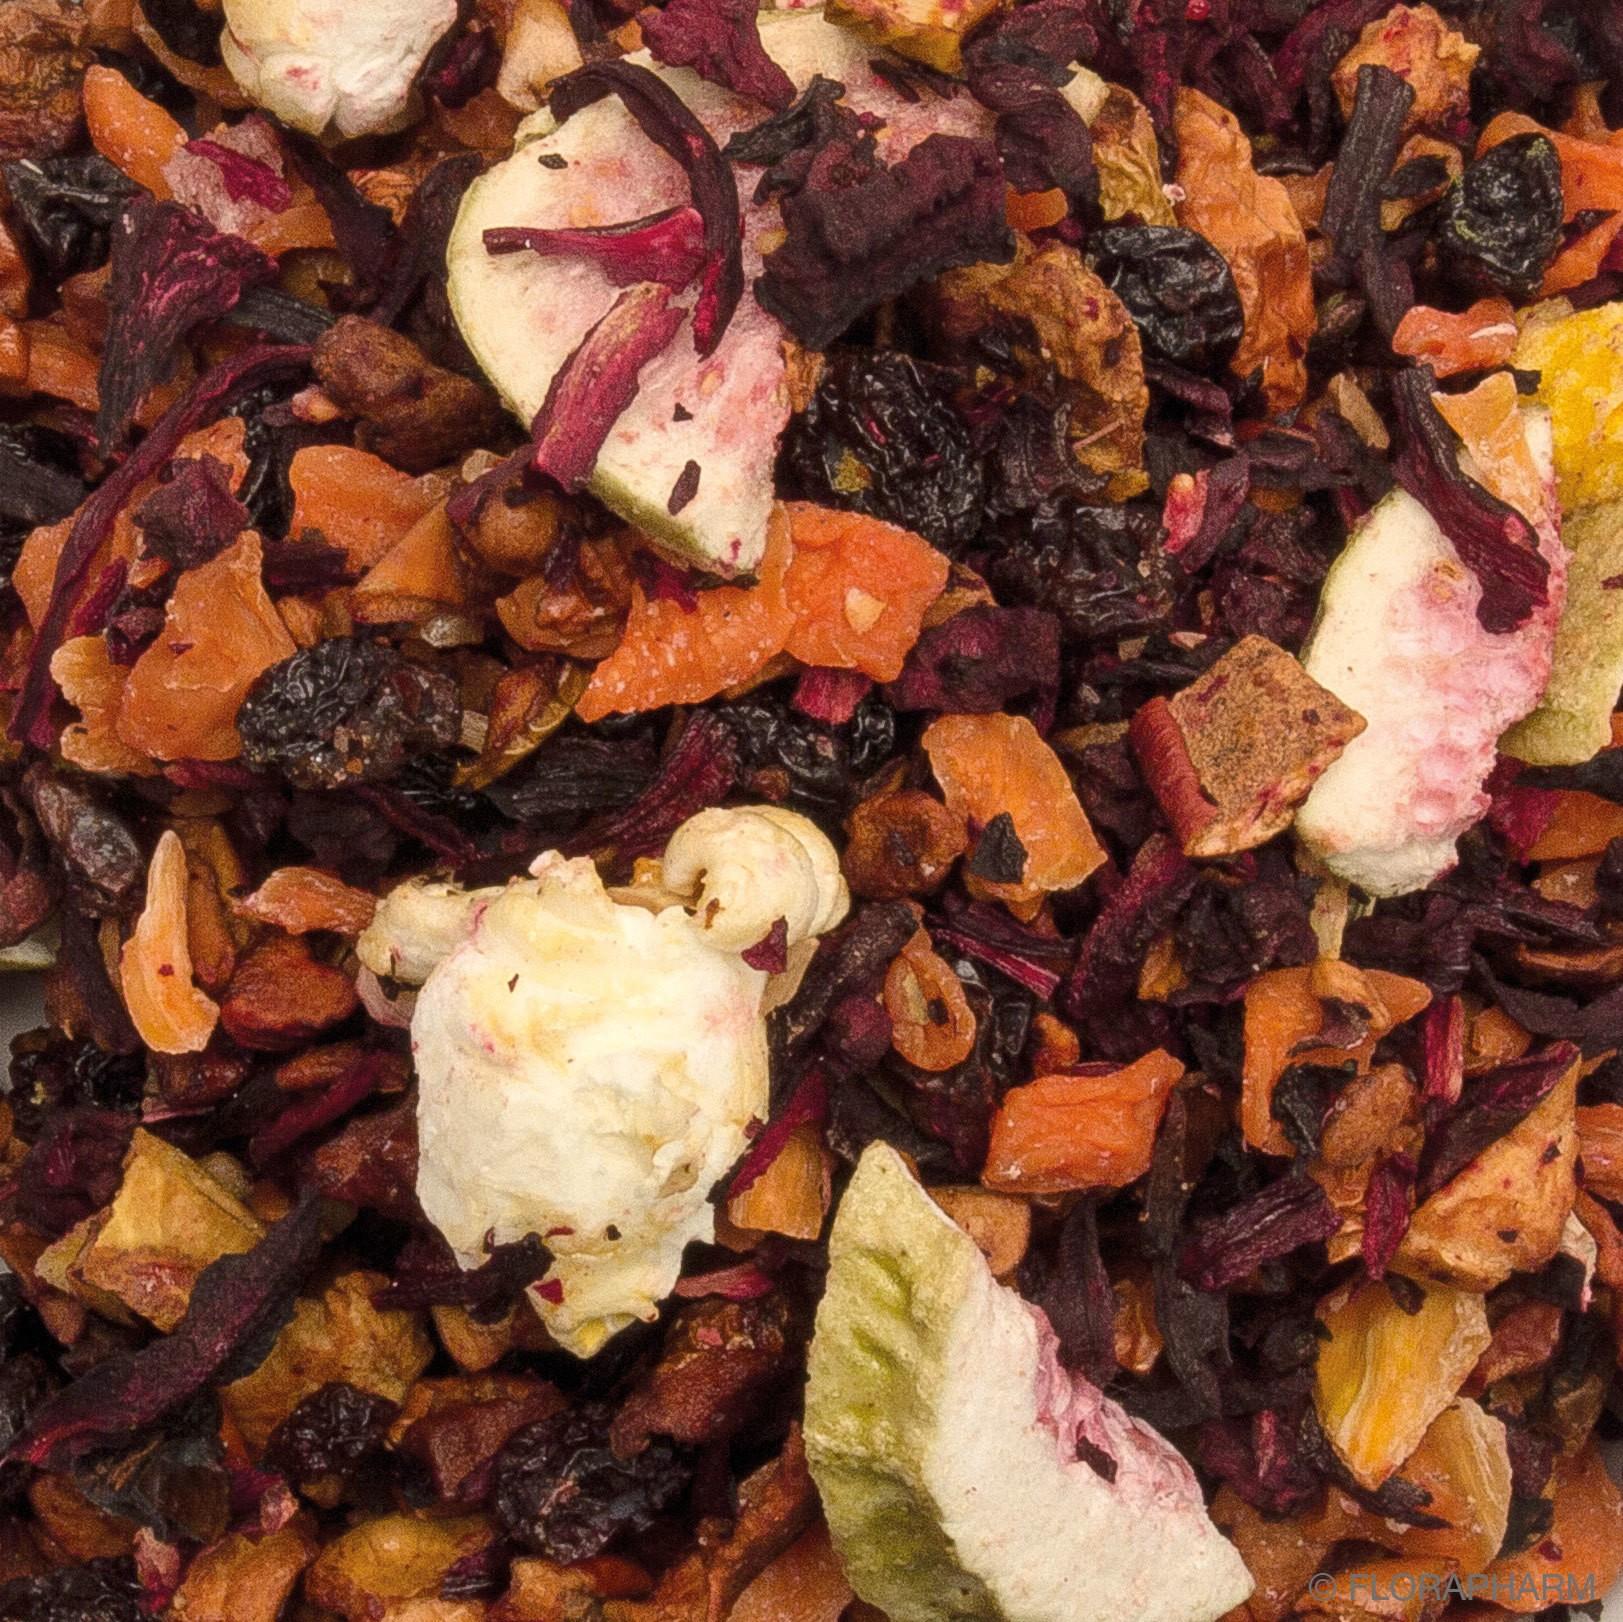 Pfirsich Feige - Früchtetee